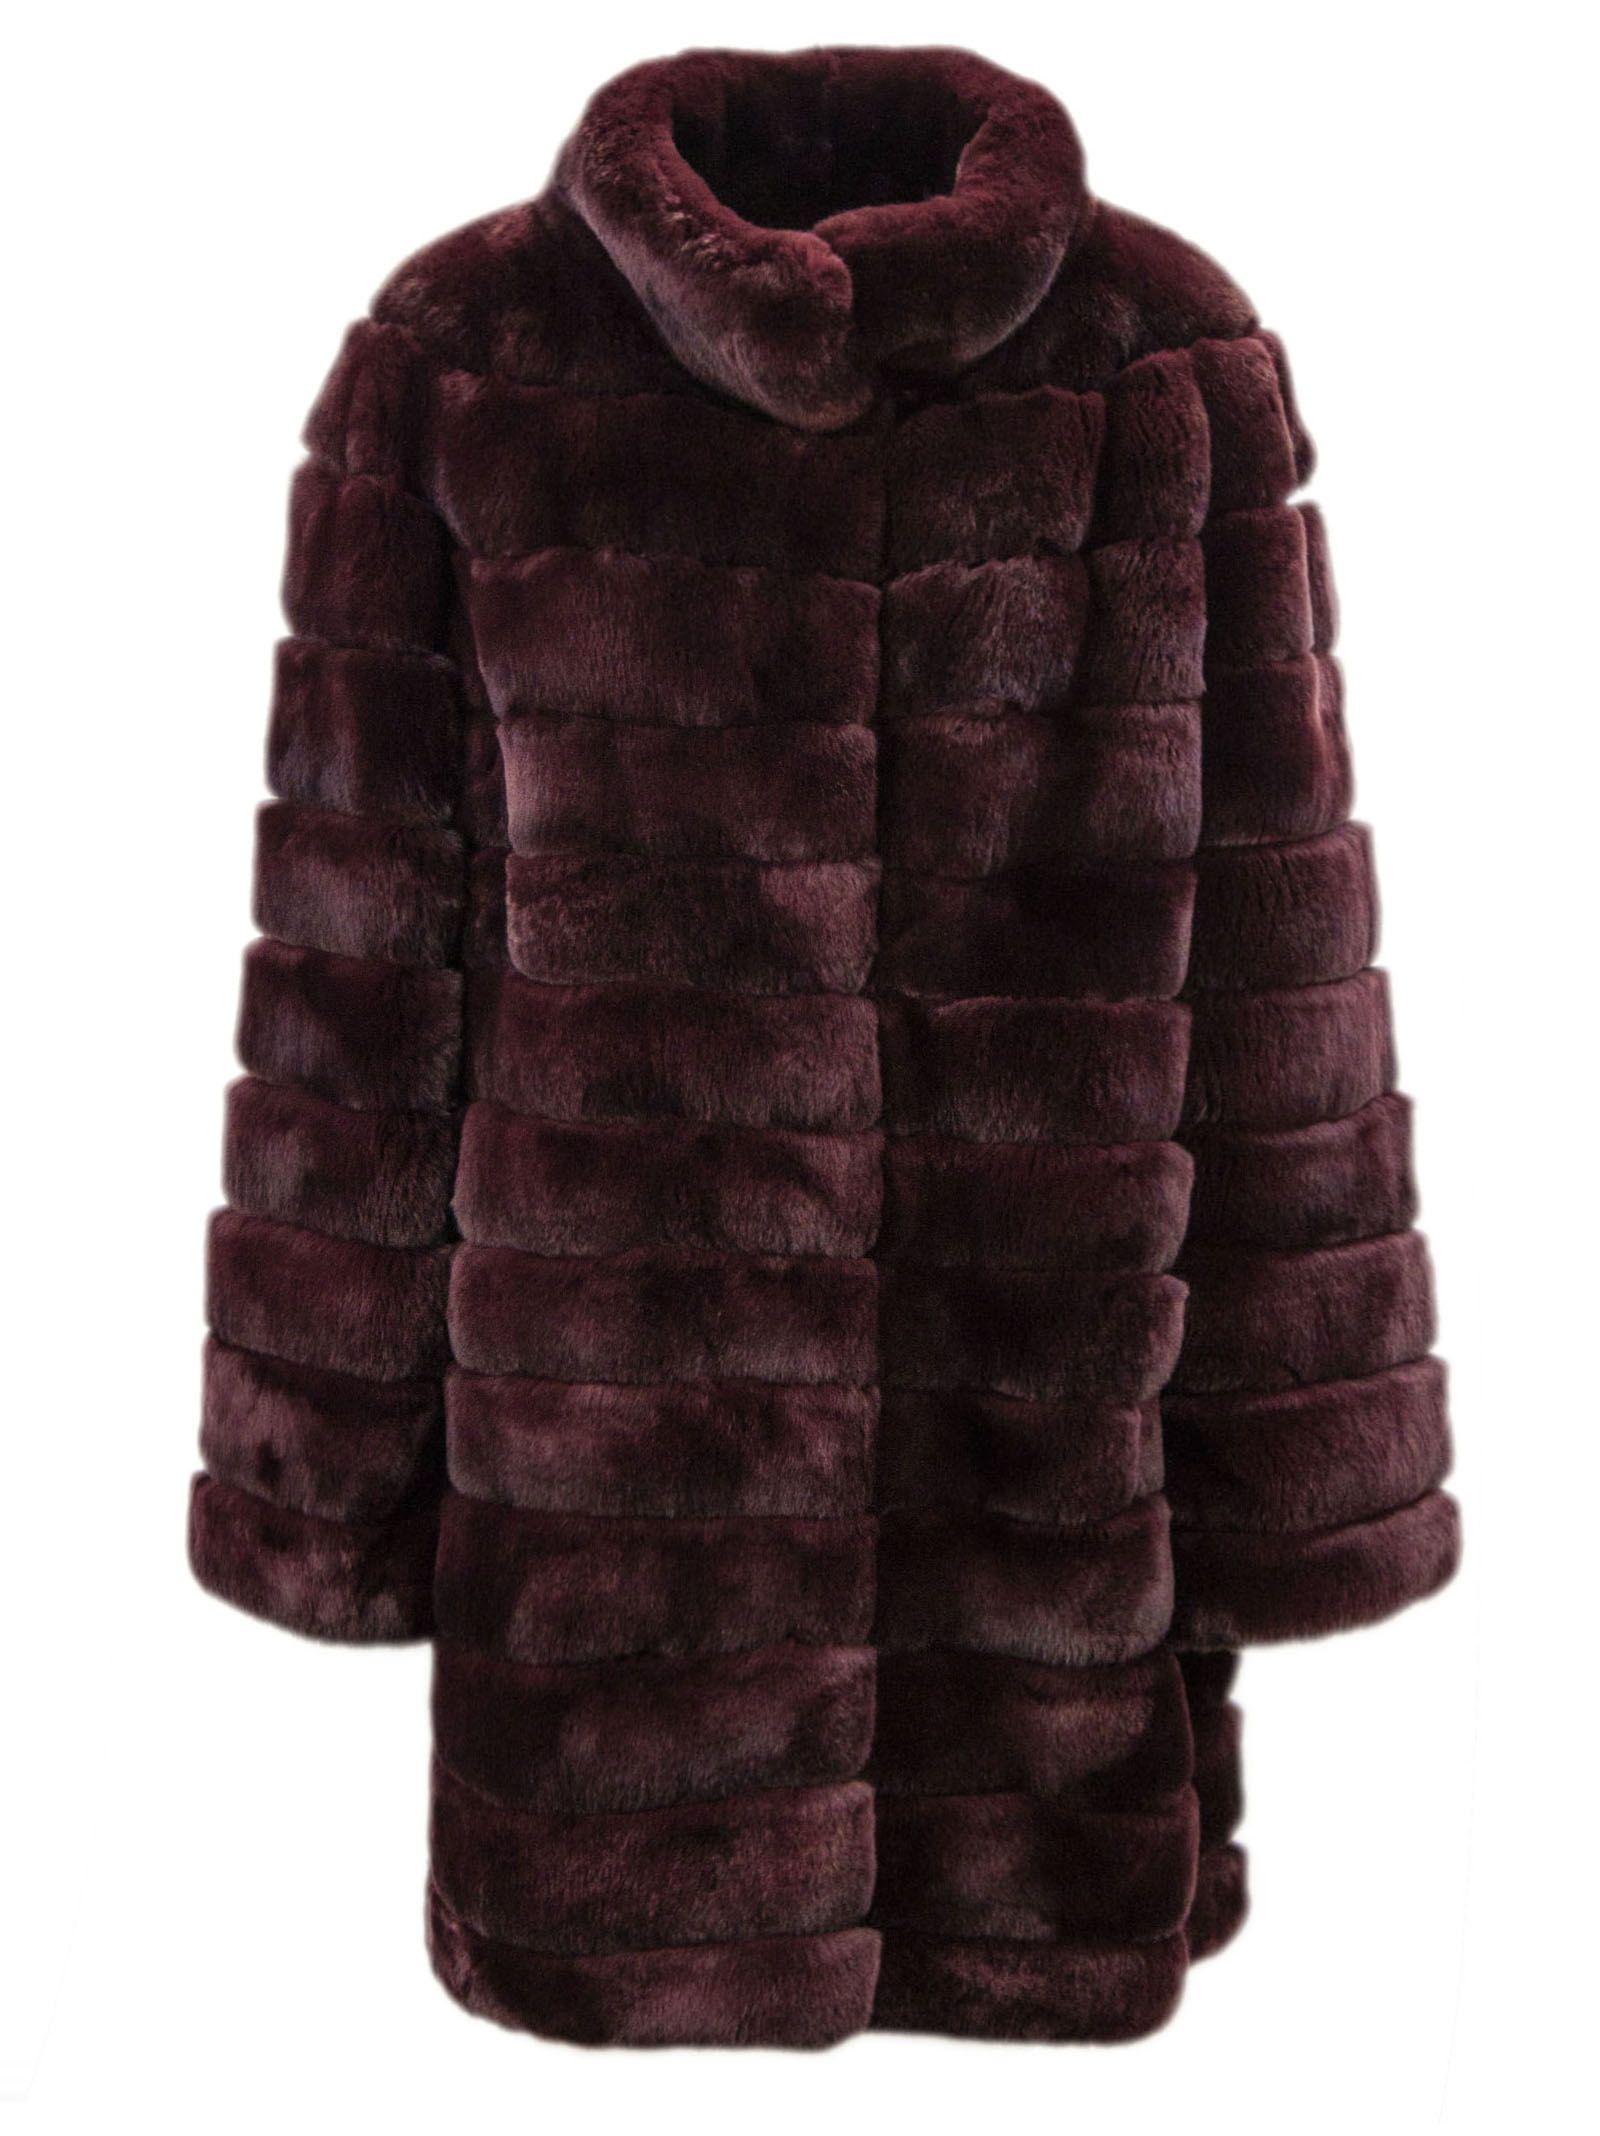 Yves Salomon Bordeaux Rabbit-fur Coat.